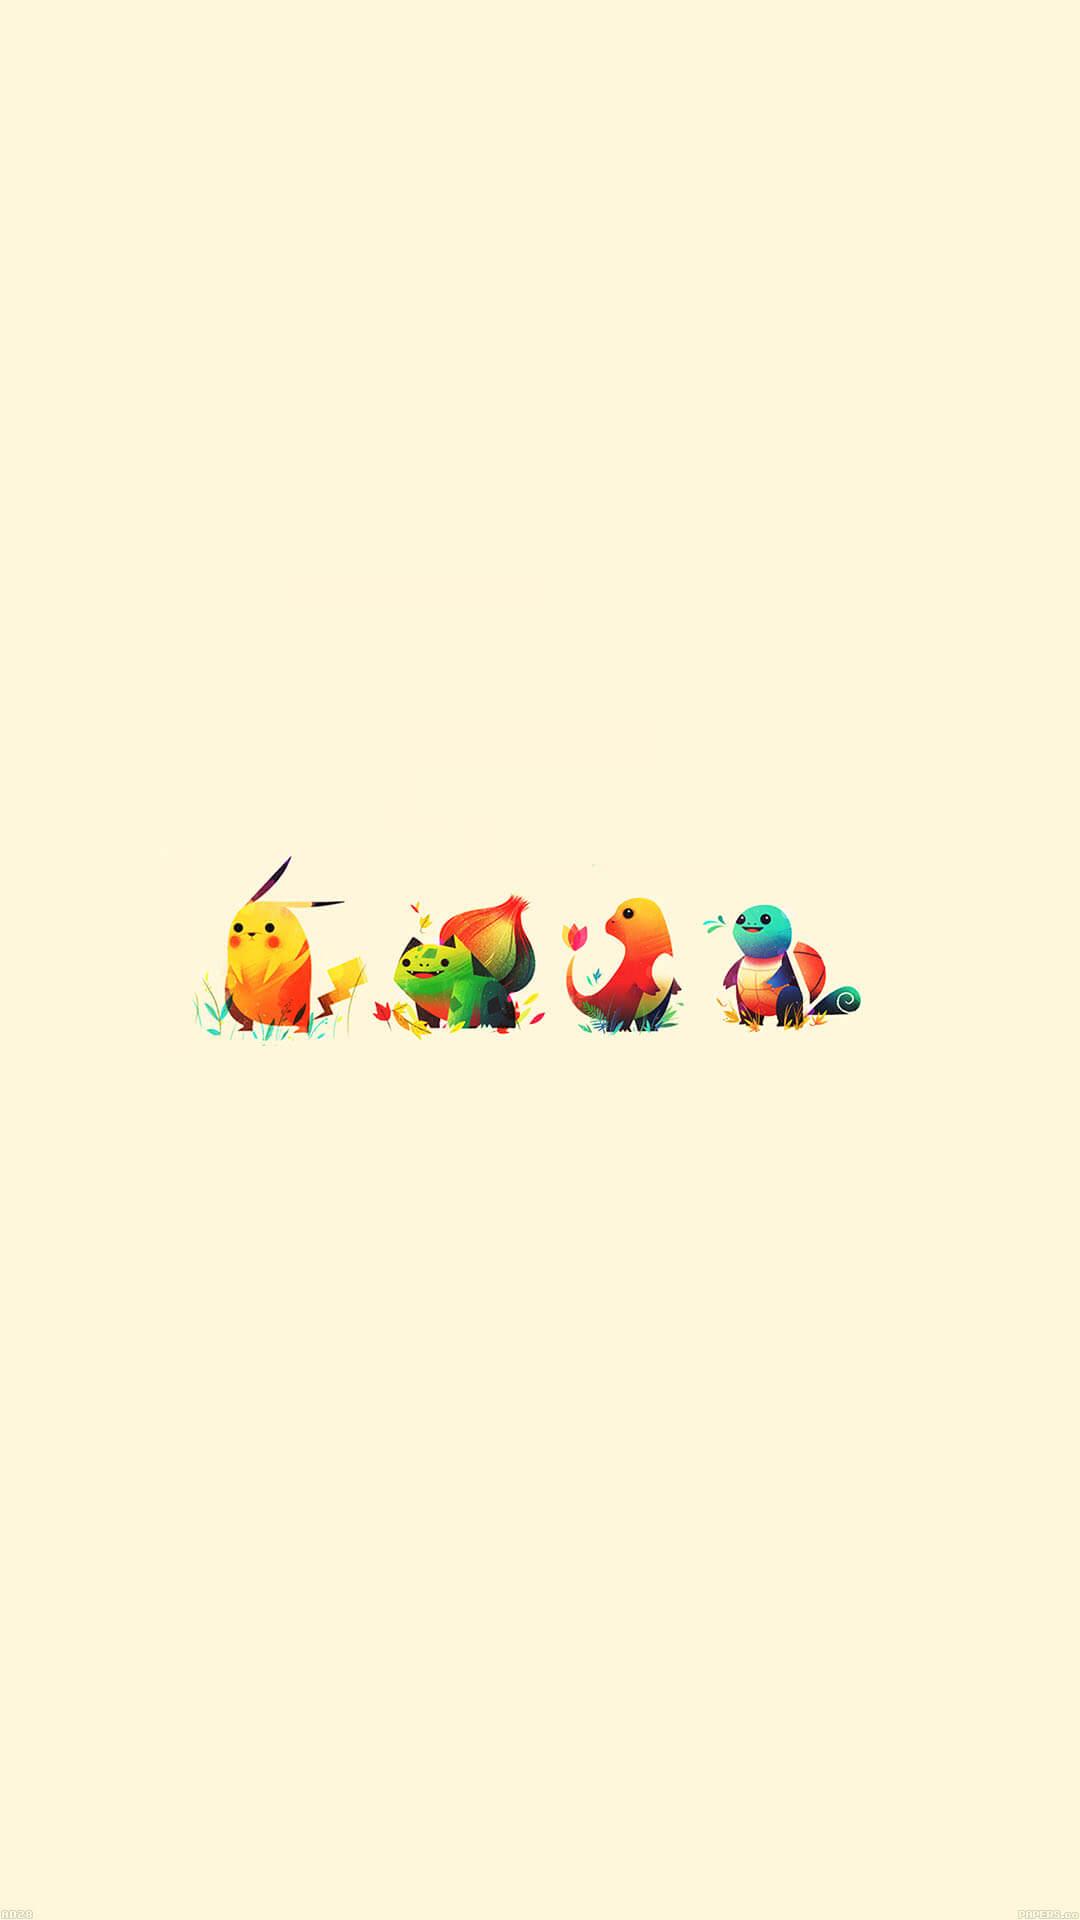 10 fonds d'écran Pokémon pour tous les iPhone et iPod